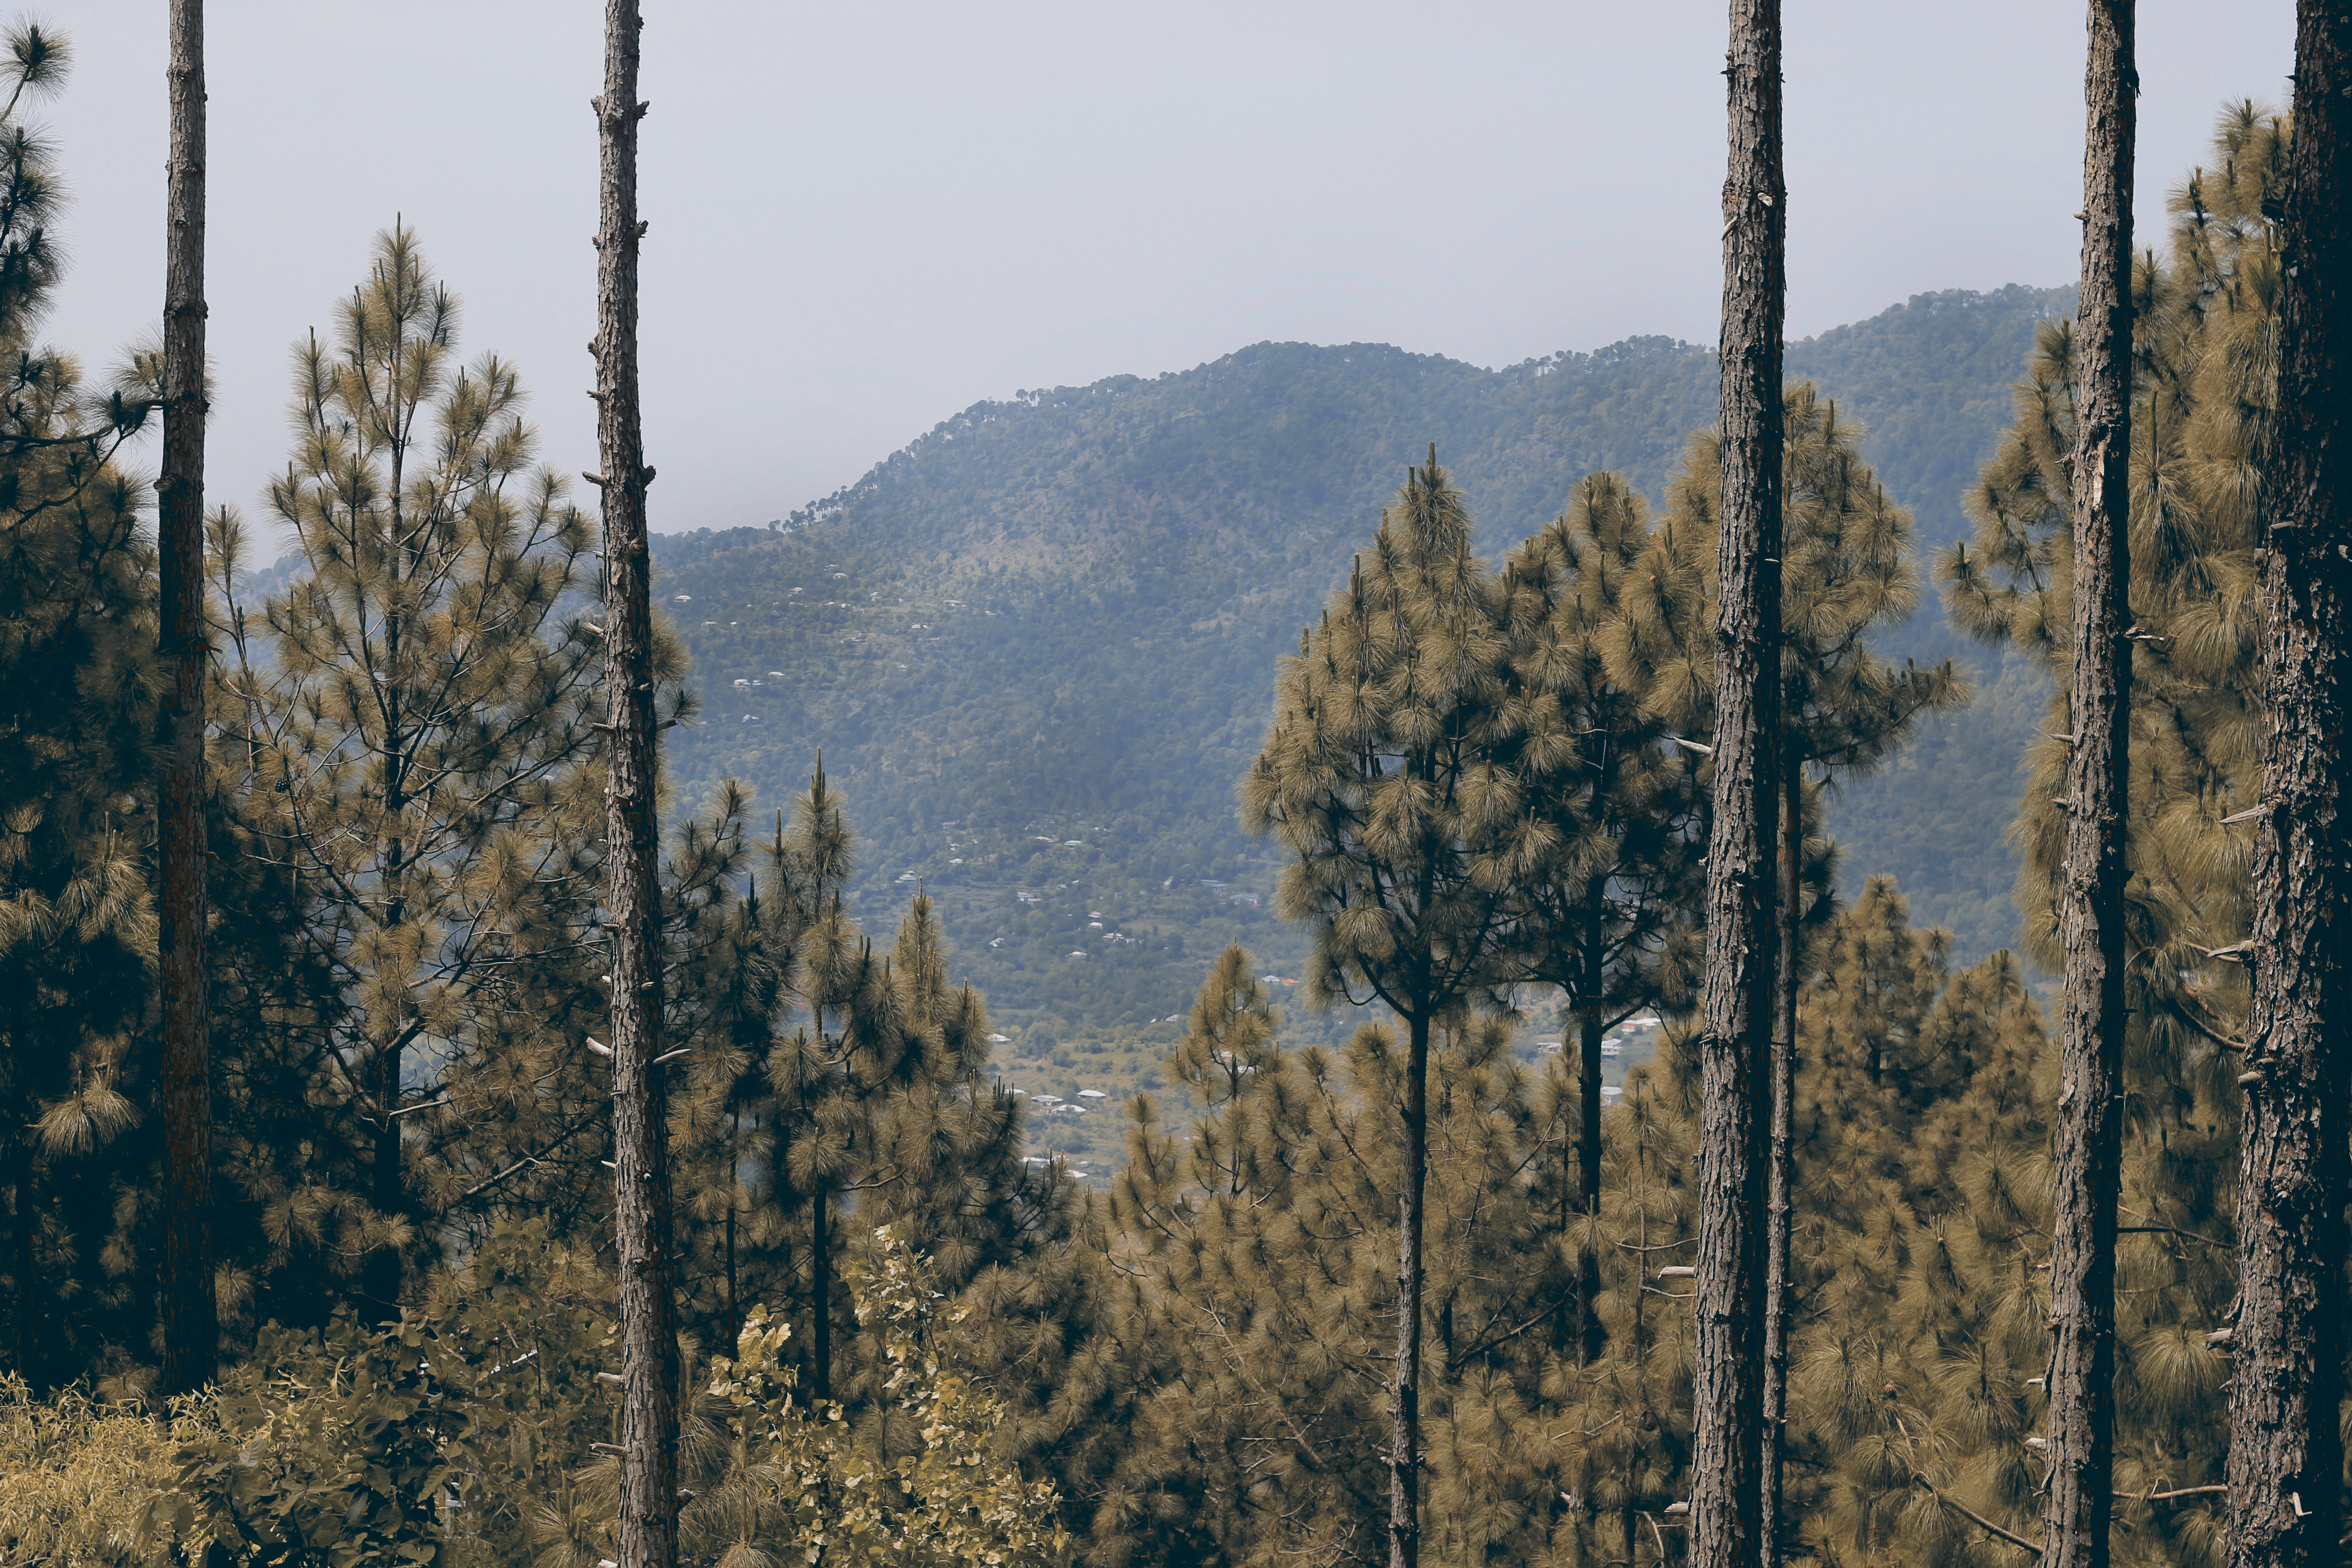 Trees on mountain photo